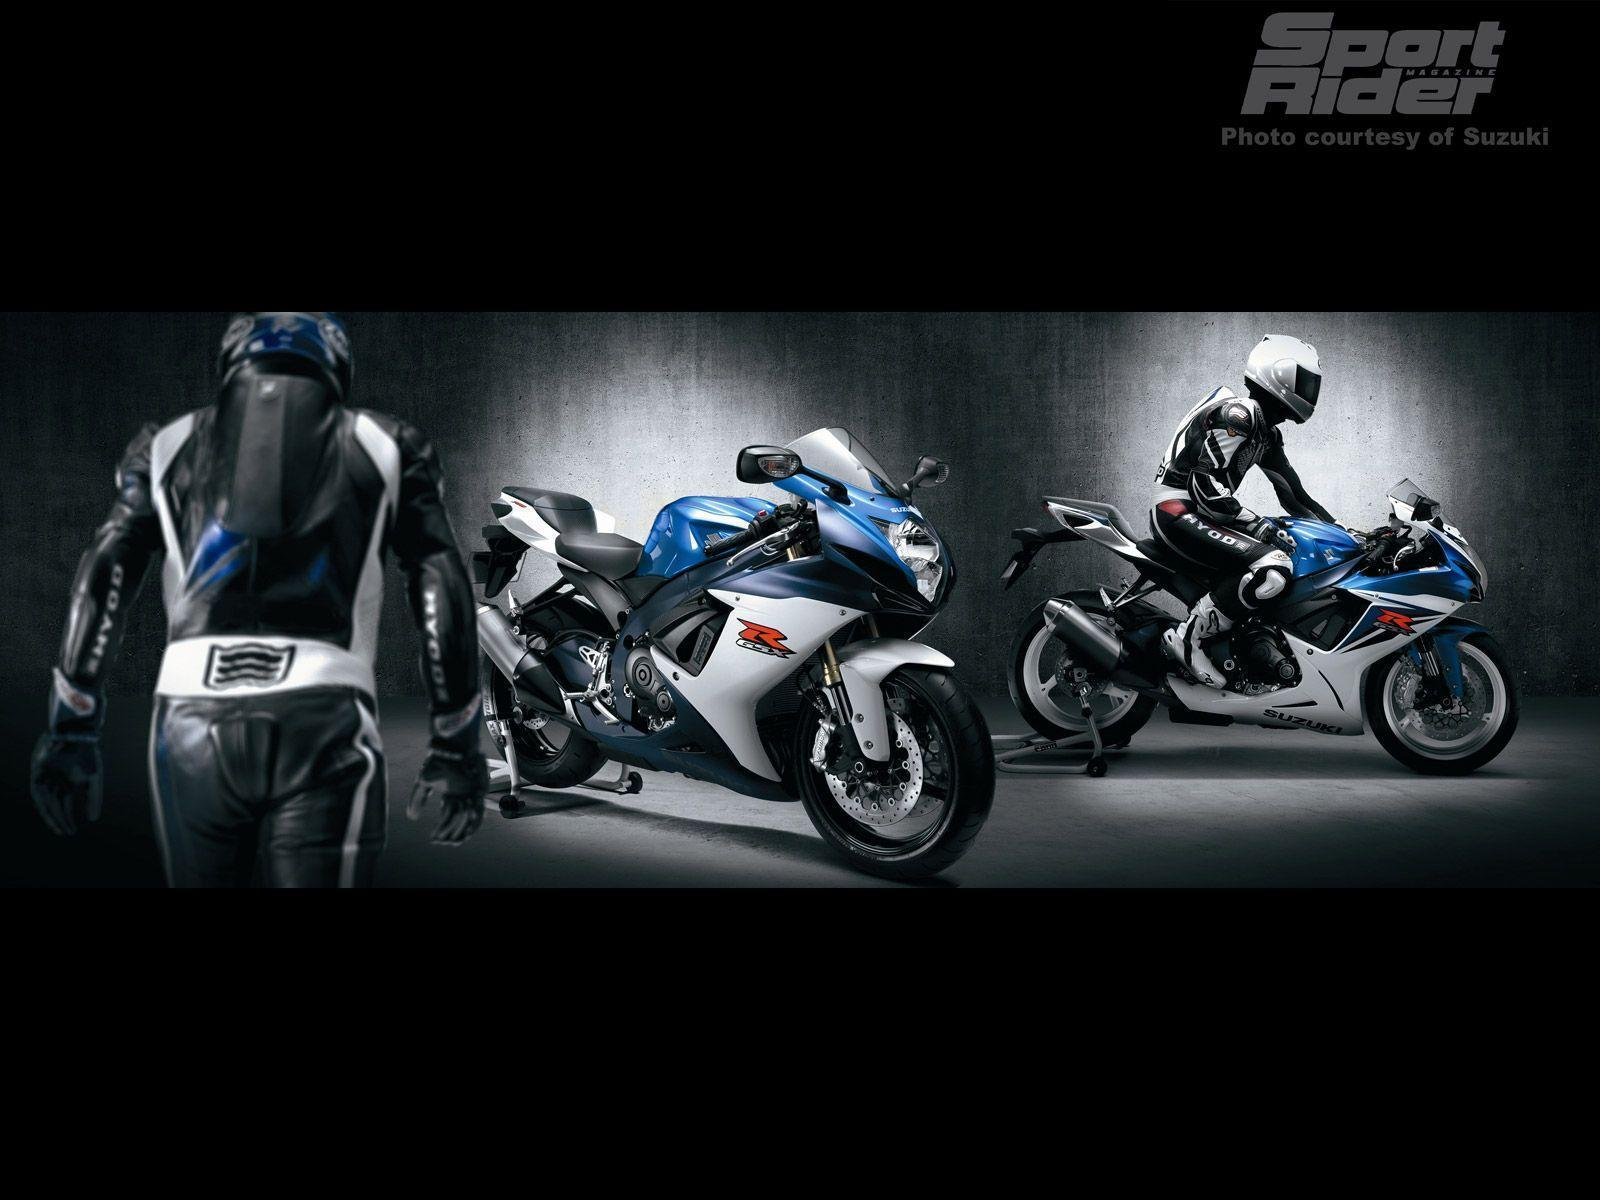 Suzuki Gsxr 750 Wallpaper - Viewing Gallery